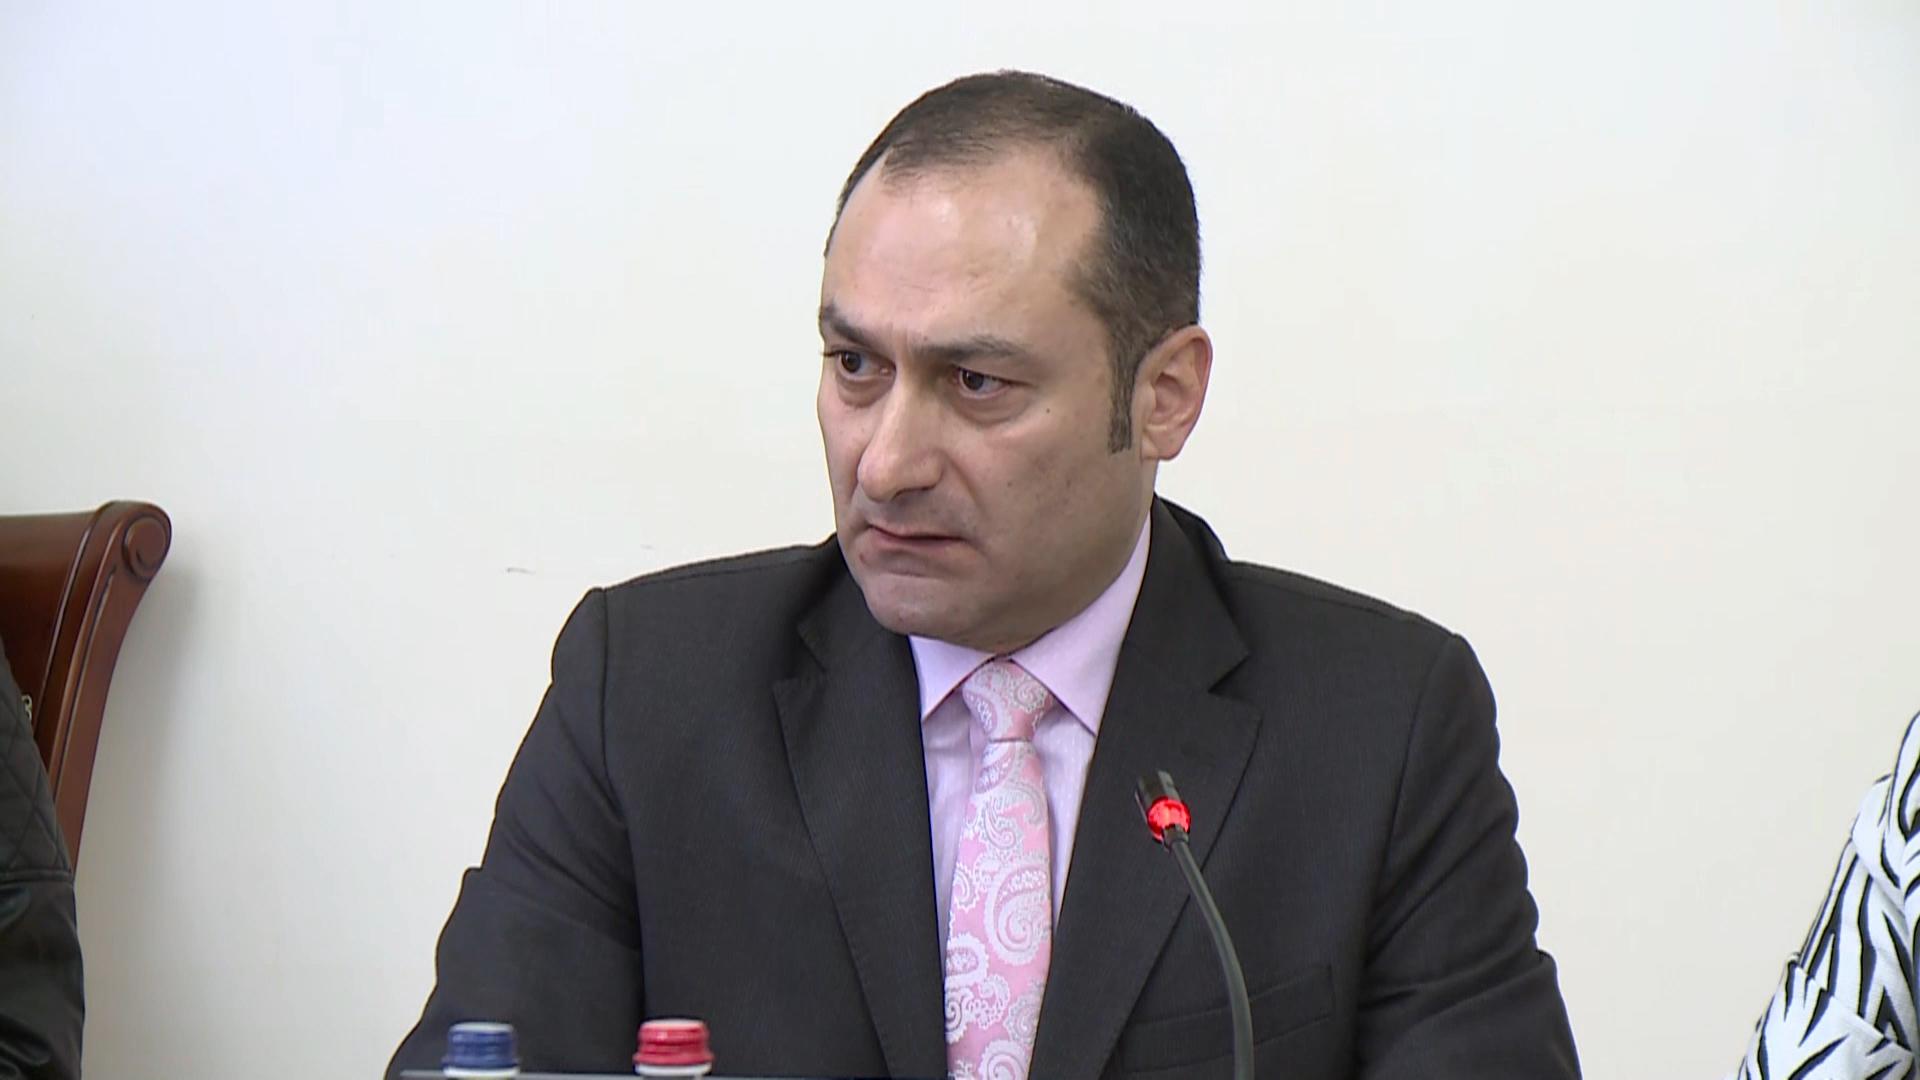 Photo of Խնդրում եմ ադրբեջանական ծագման որևէ տեղեկատվություն չտարածել․ Անհրաժեշտության դեպքում ինձ ուղարկեք՝ անհատապես․ Արտակ Զեյնալյան